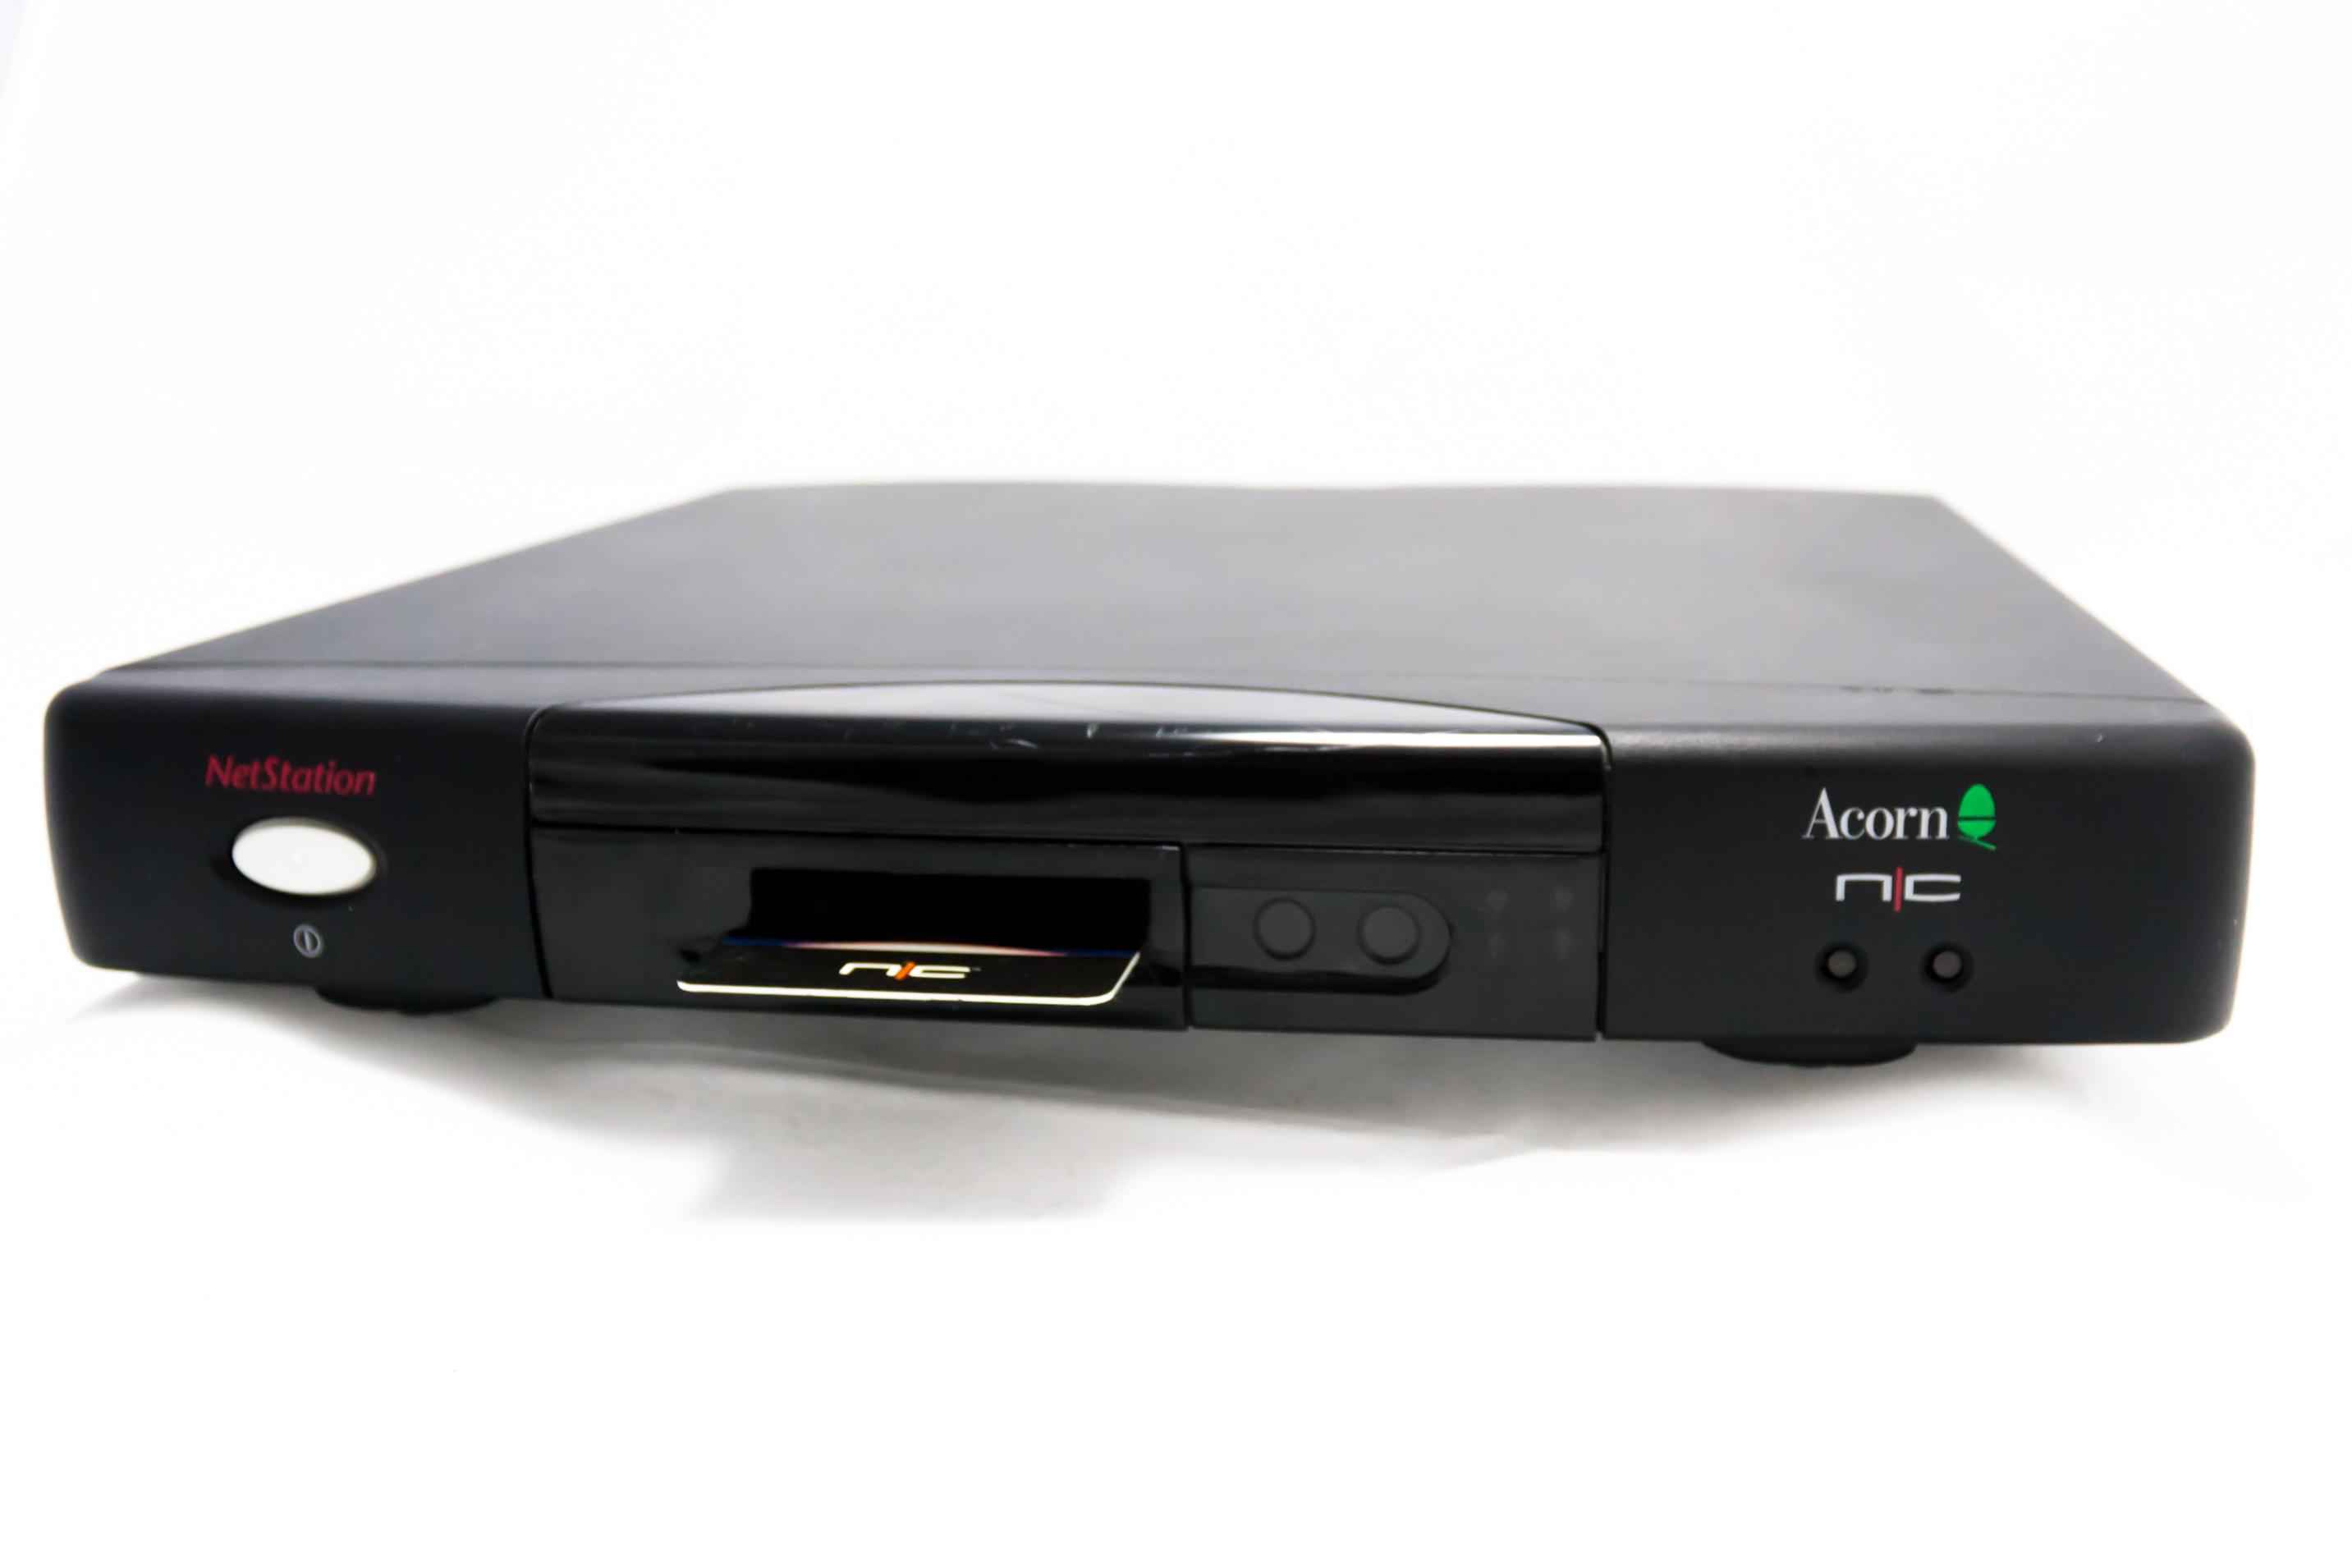 8-Acorn-Netstation.jpg